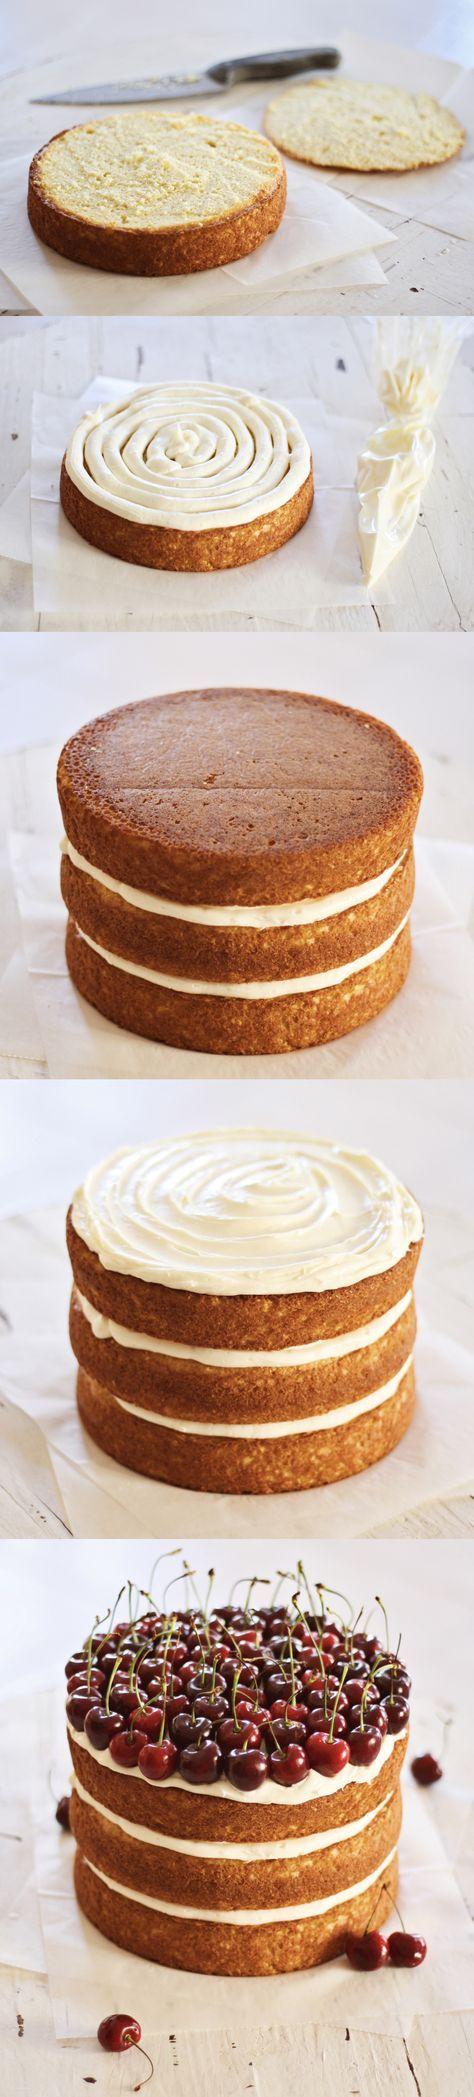 How To Do A Naked Cake | Joanna Meyer via Kristi Murphy